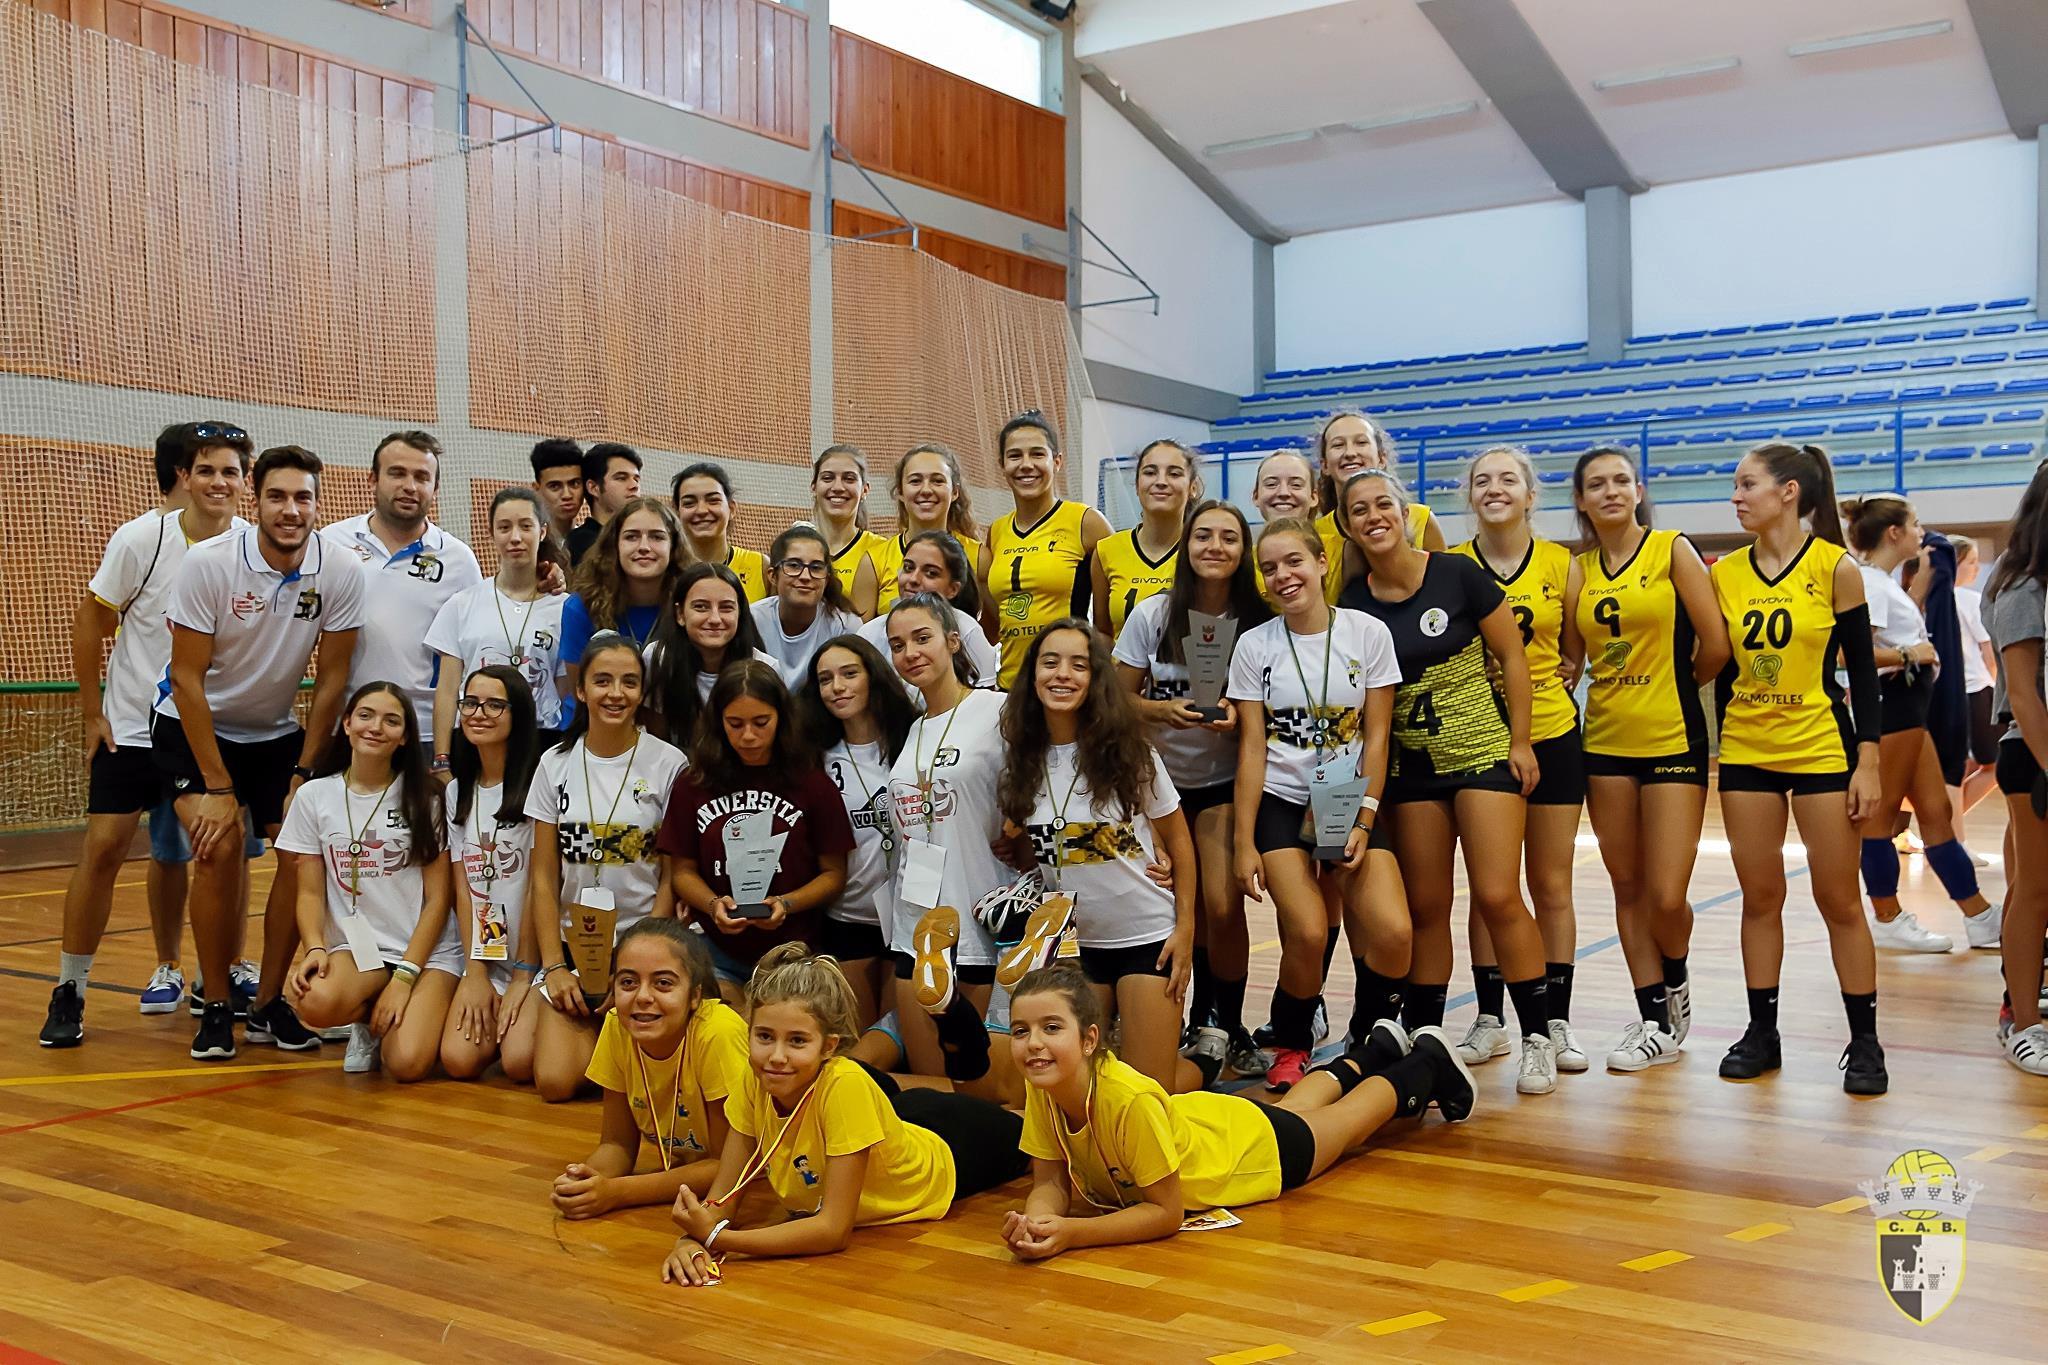 Torneio de Voleibol Bragança